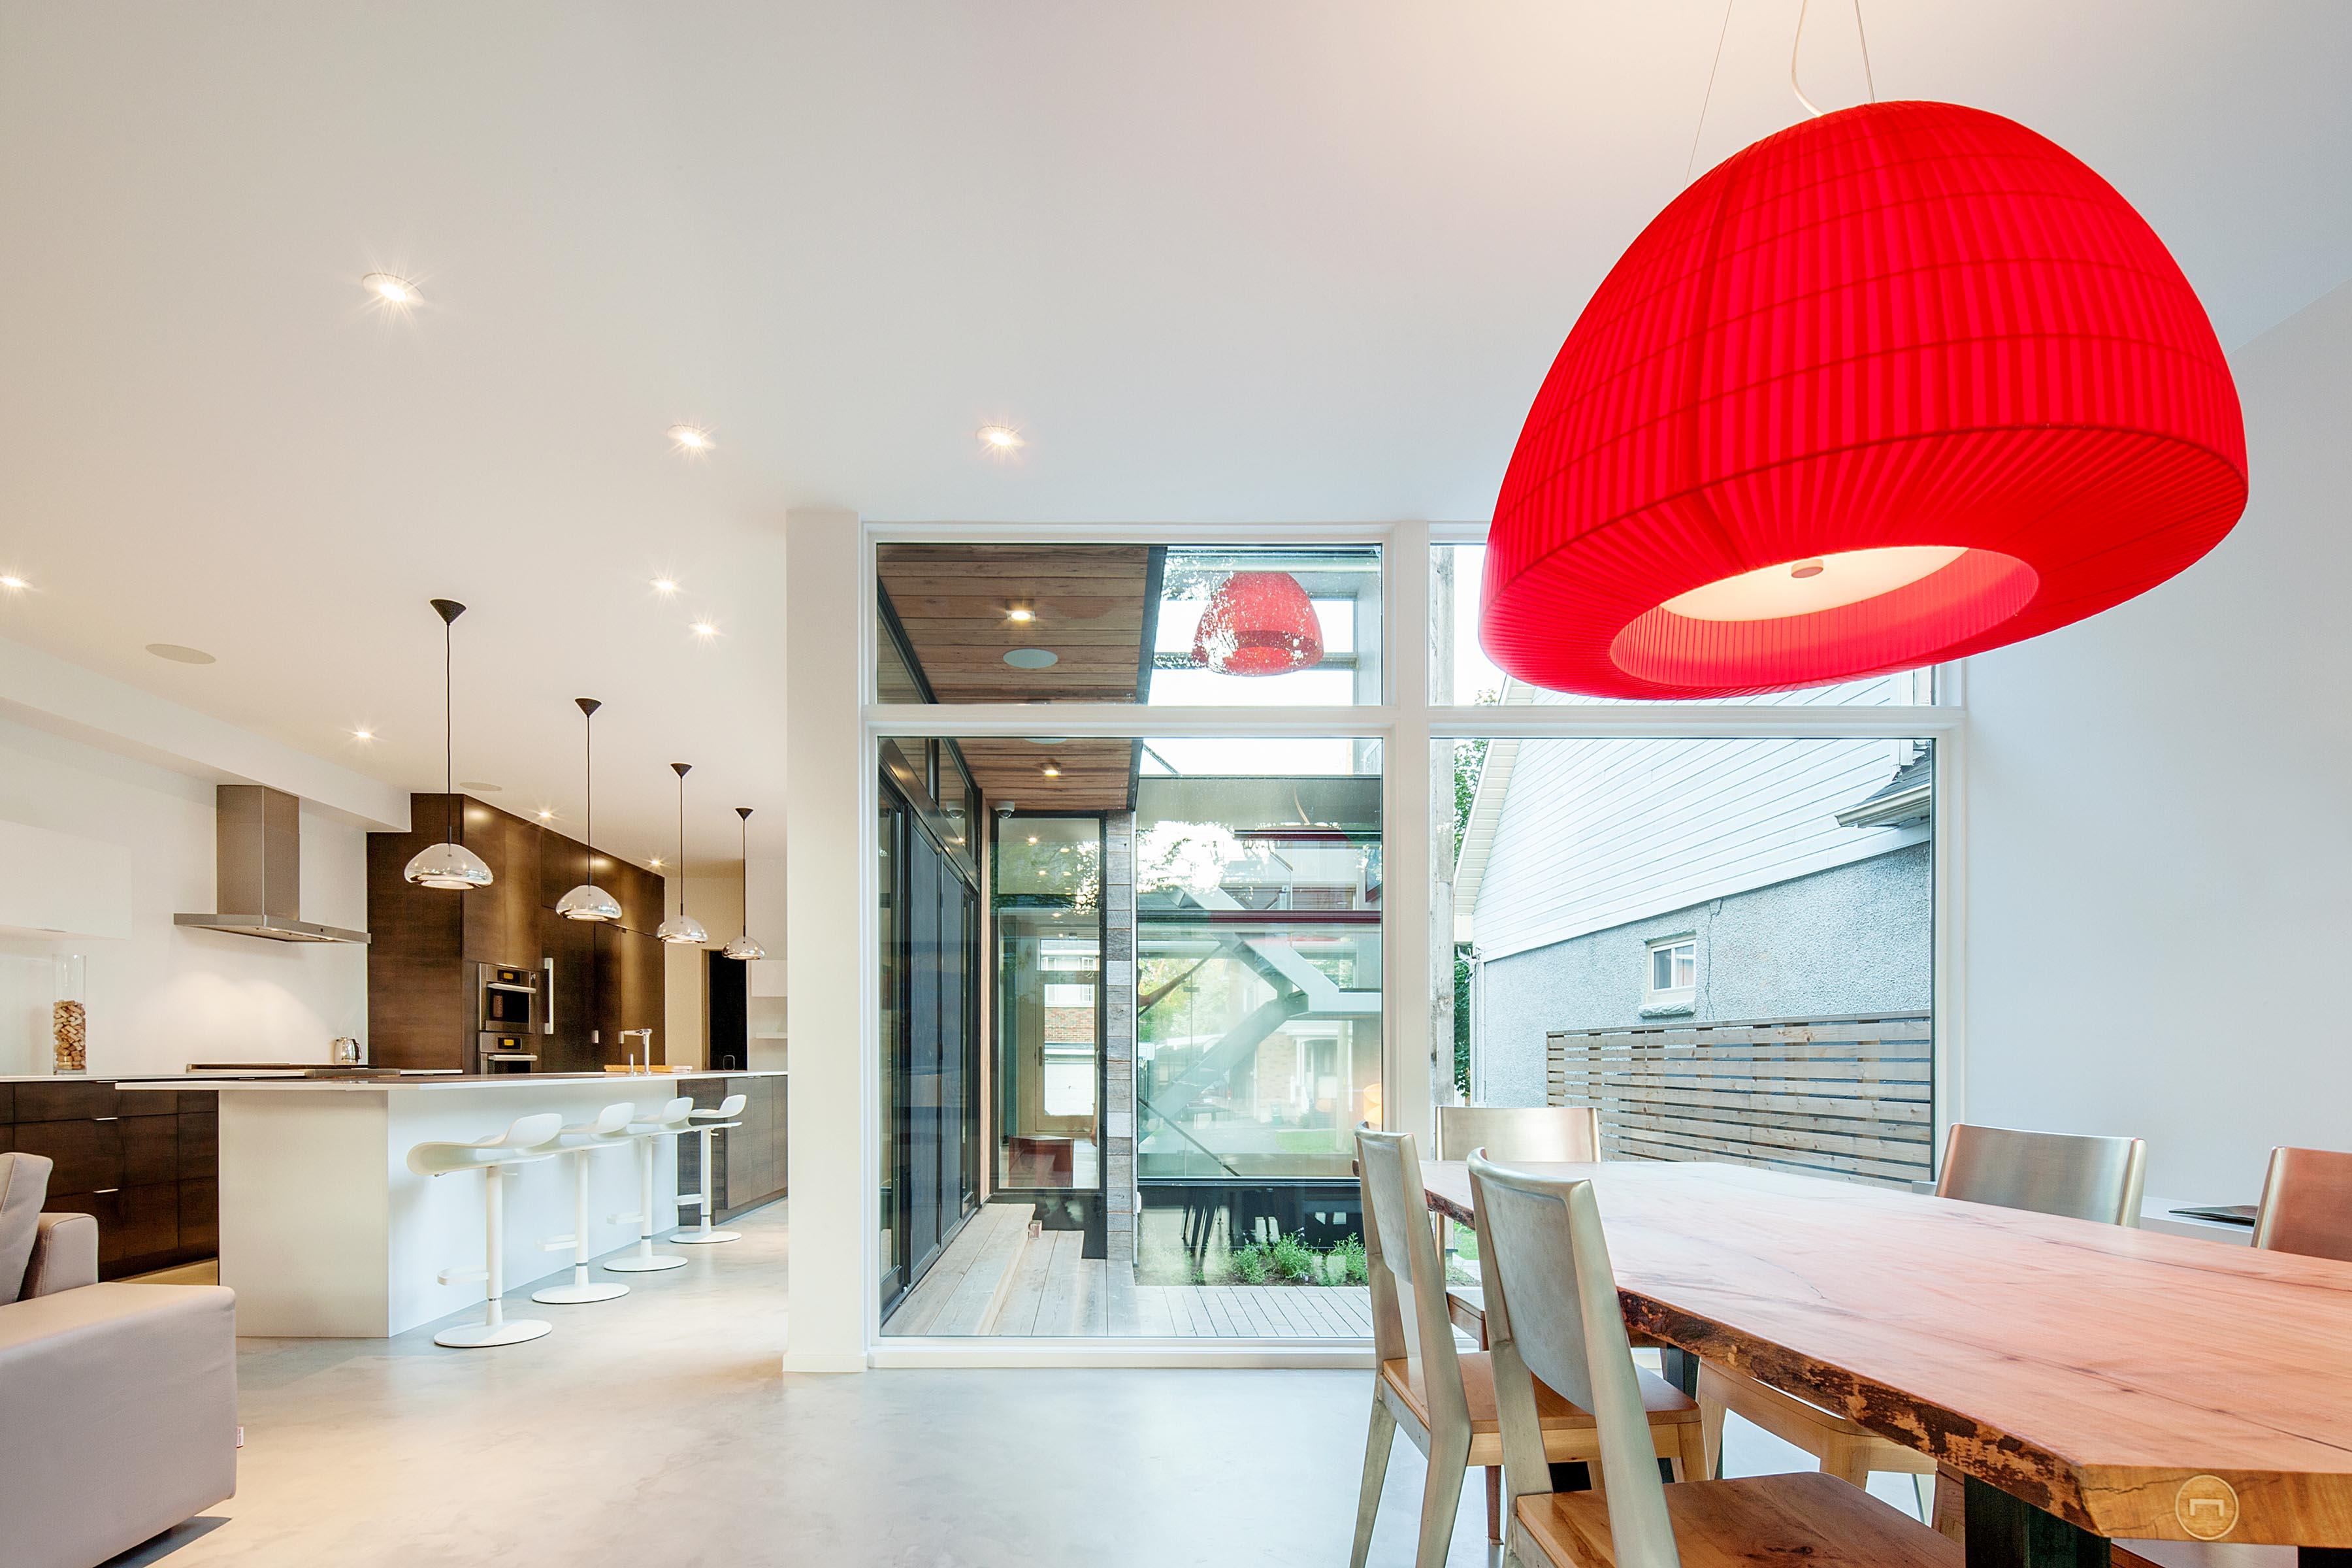 Diseño de interiores de la cocina comedor